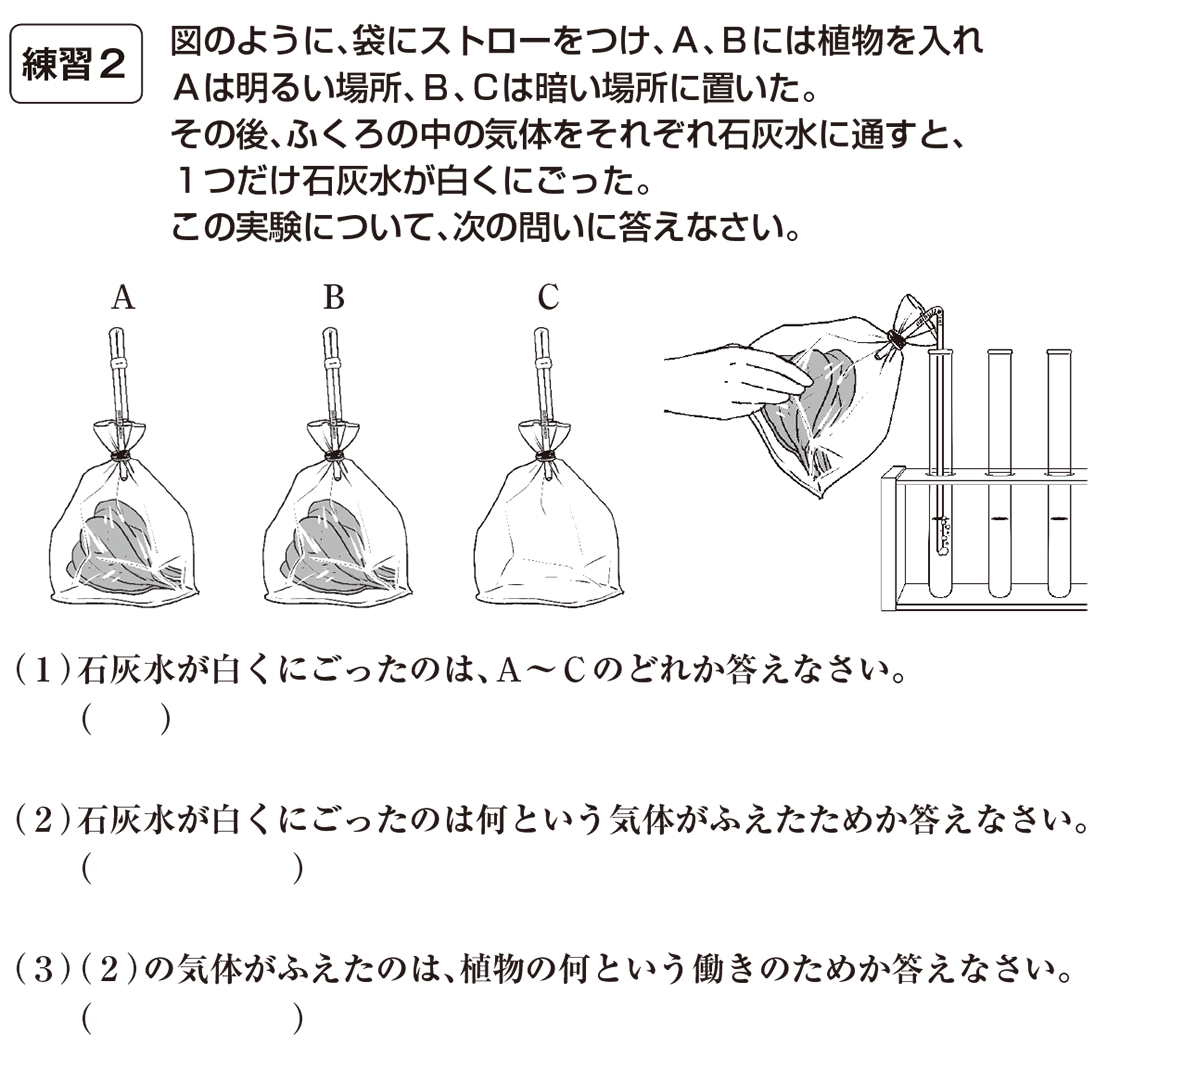 中1 理科生物10 練習2(答えなし